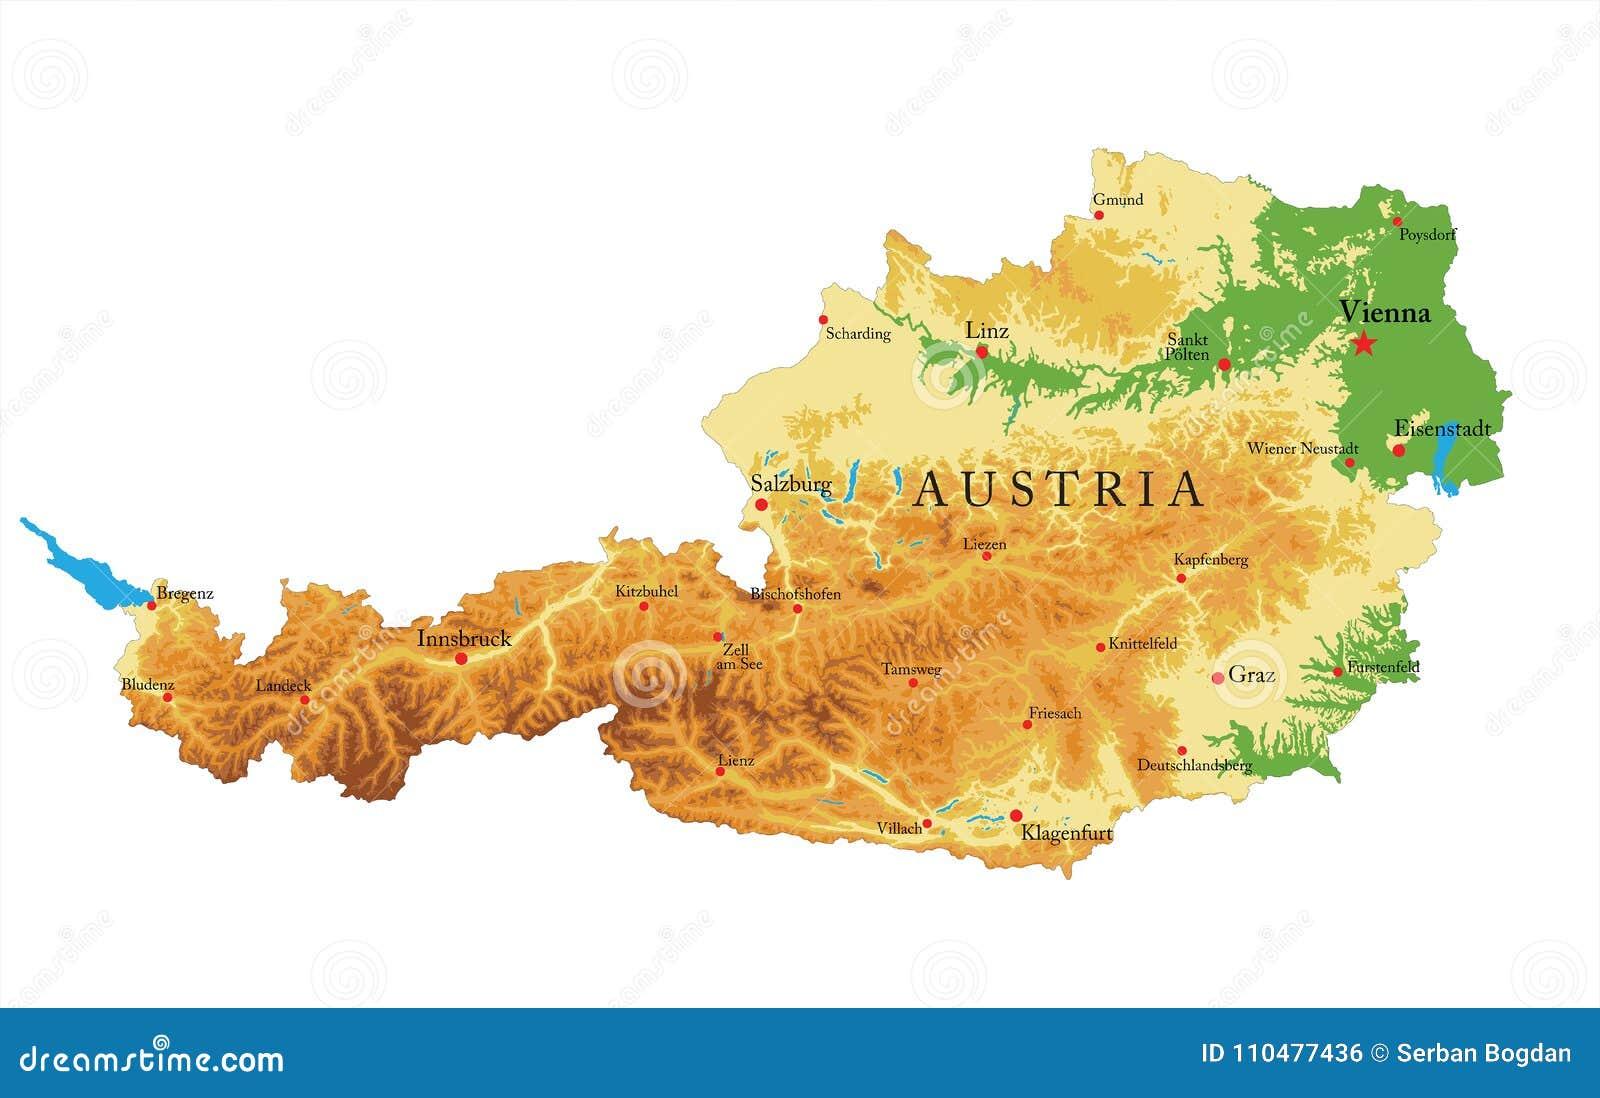 Cartina Fisica Austria.Carta In Rilievo Dell Austria Illustrazione Vettoriale